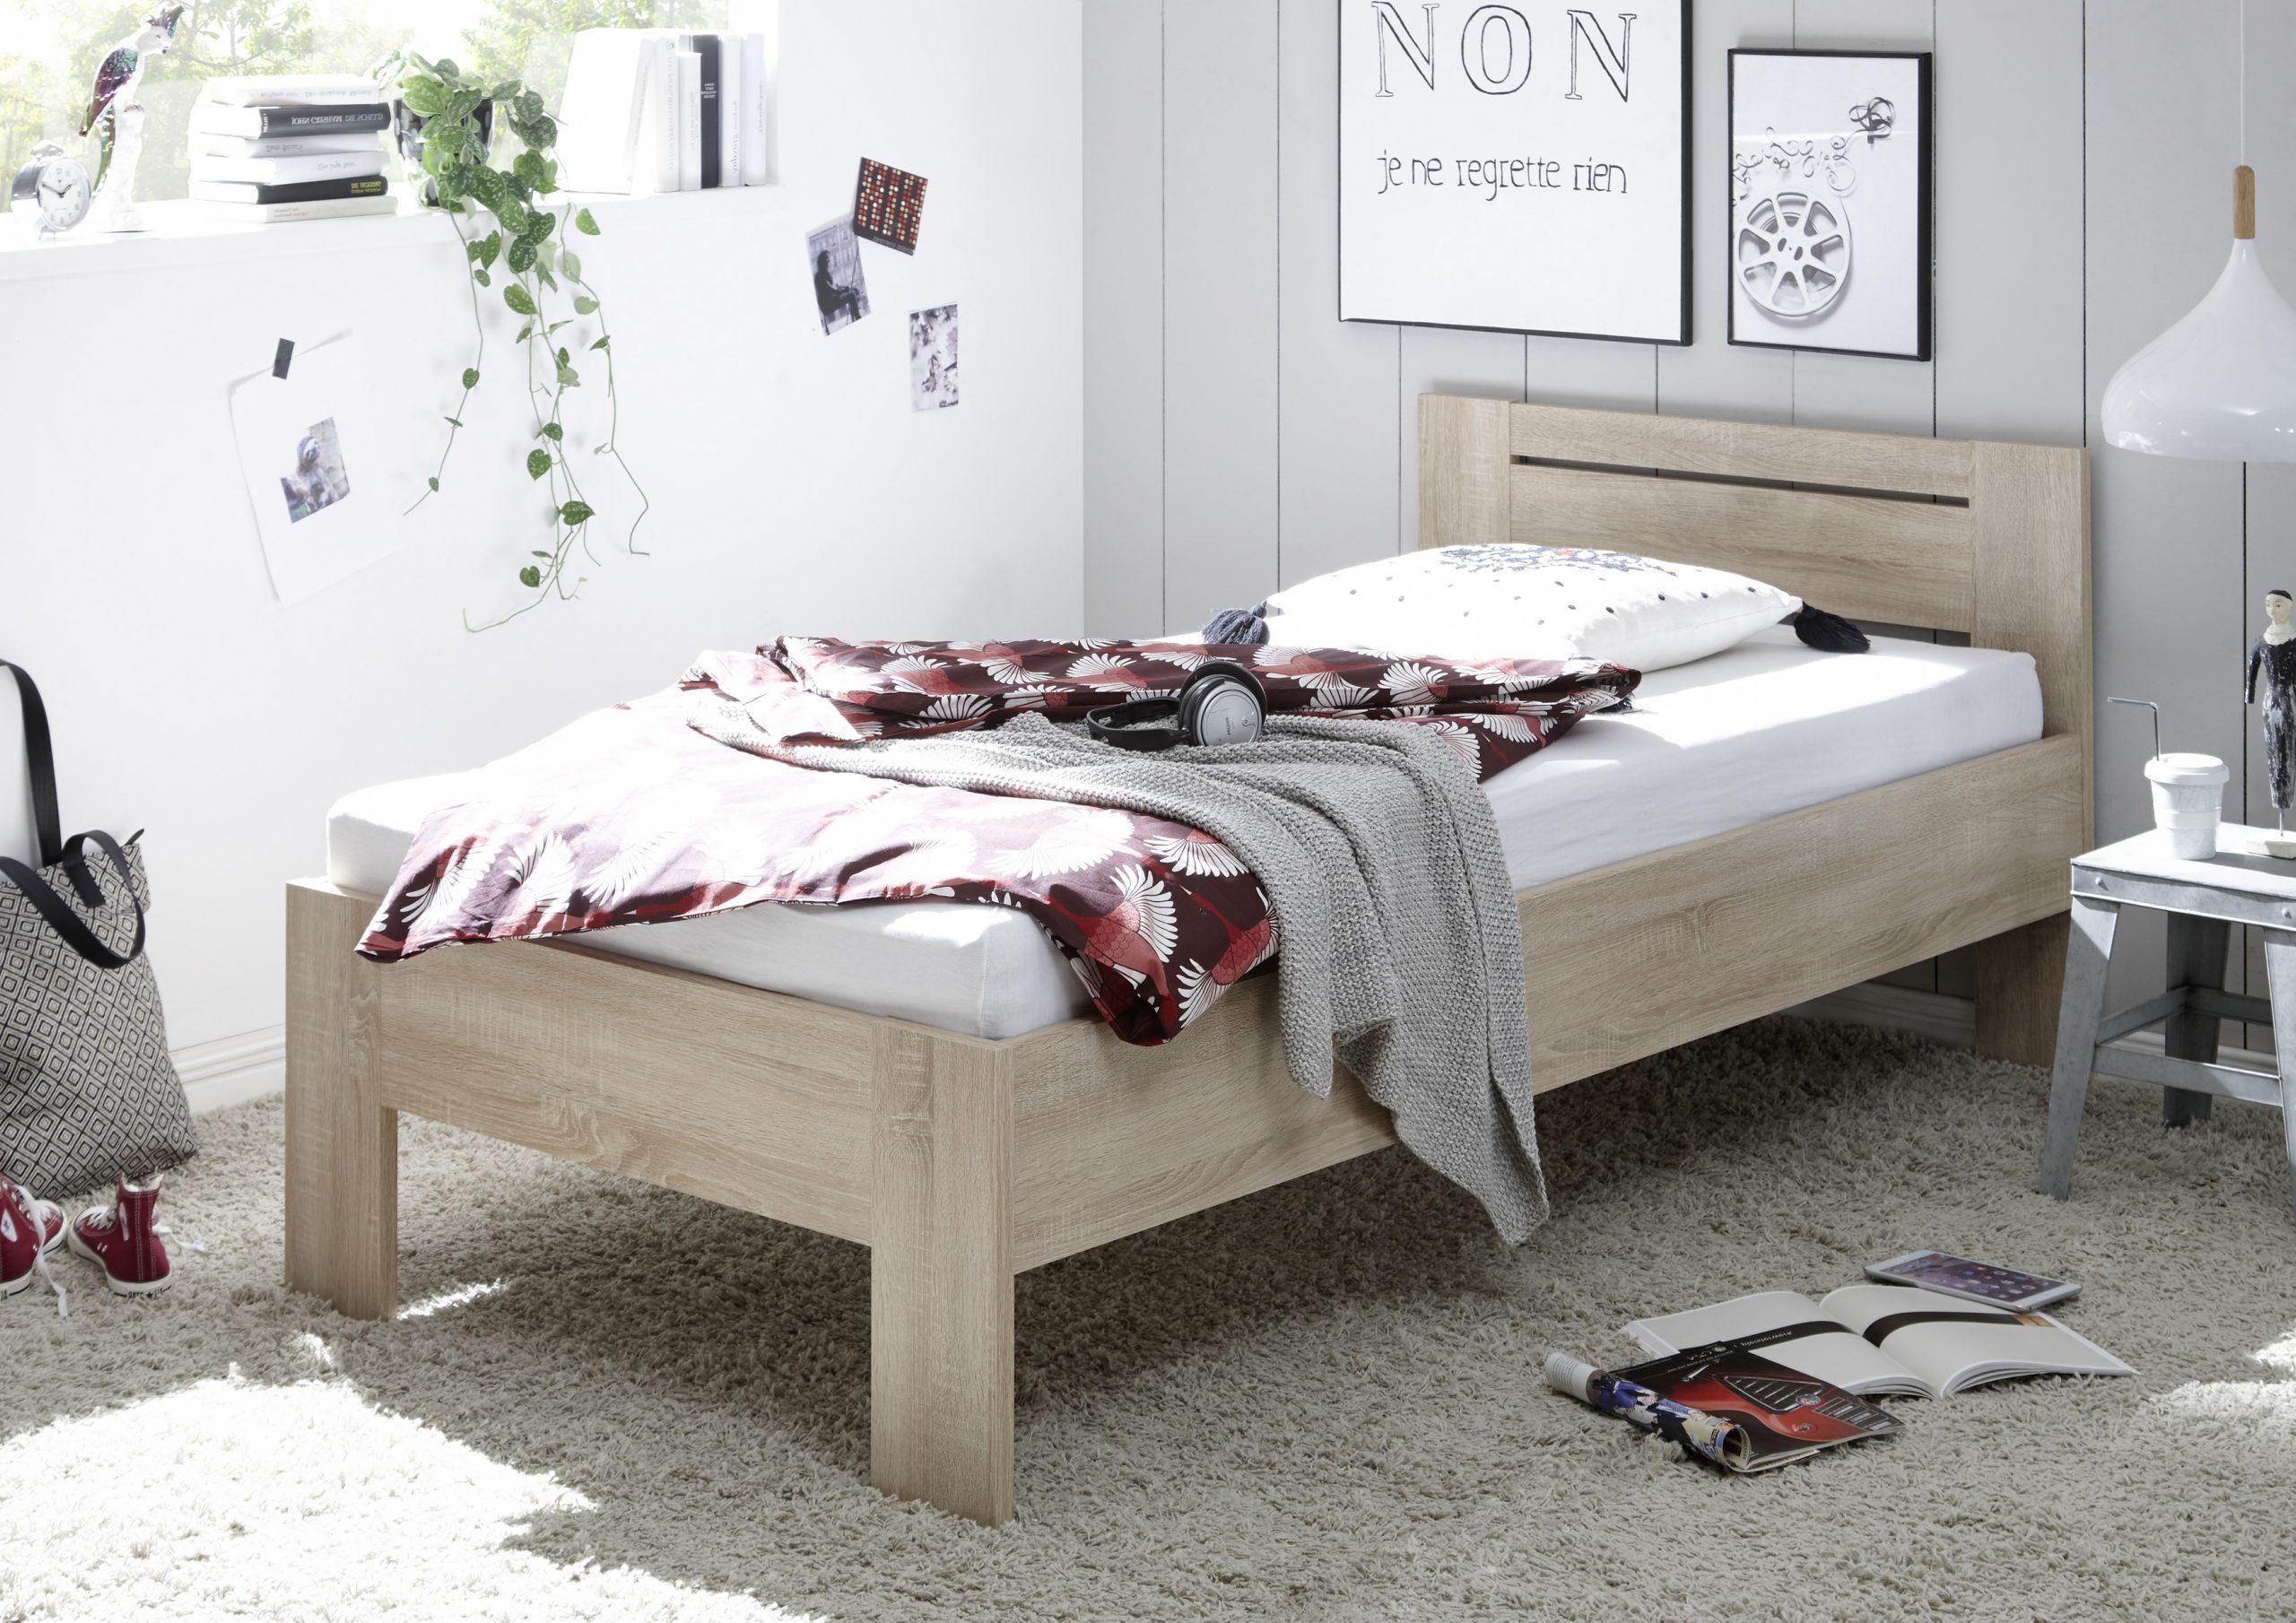 Full Size of Bett Eiche Sonoma 120 Bopita Schlafzimmer Betten Luxus Für übergewichtige Günstig 140x200 Weiß Flexa 220 X Ausklappbar Bette Floor Bambus Weiches Sofa Bett Bett Eiche Sonoma